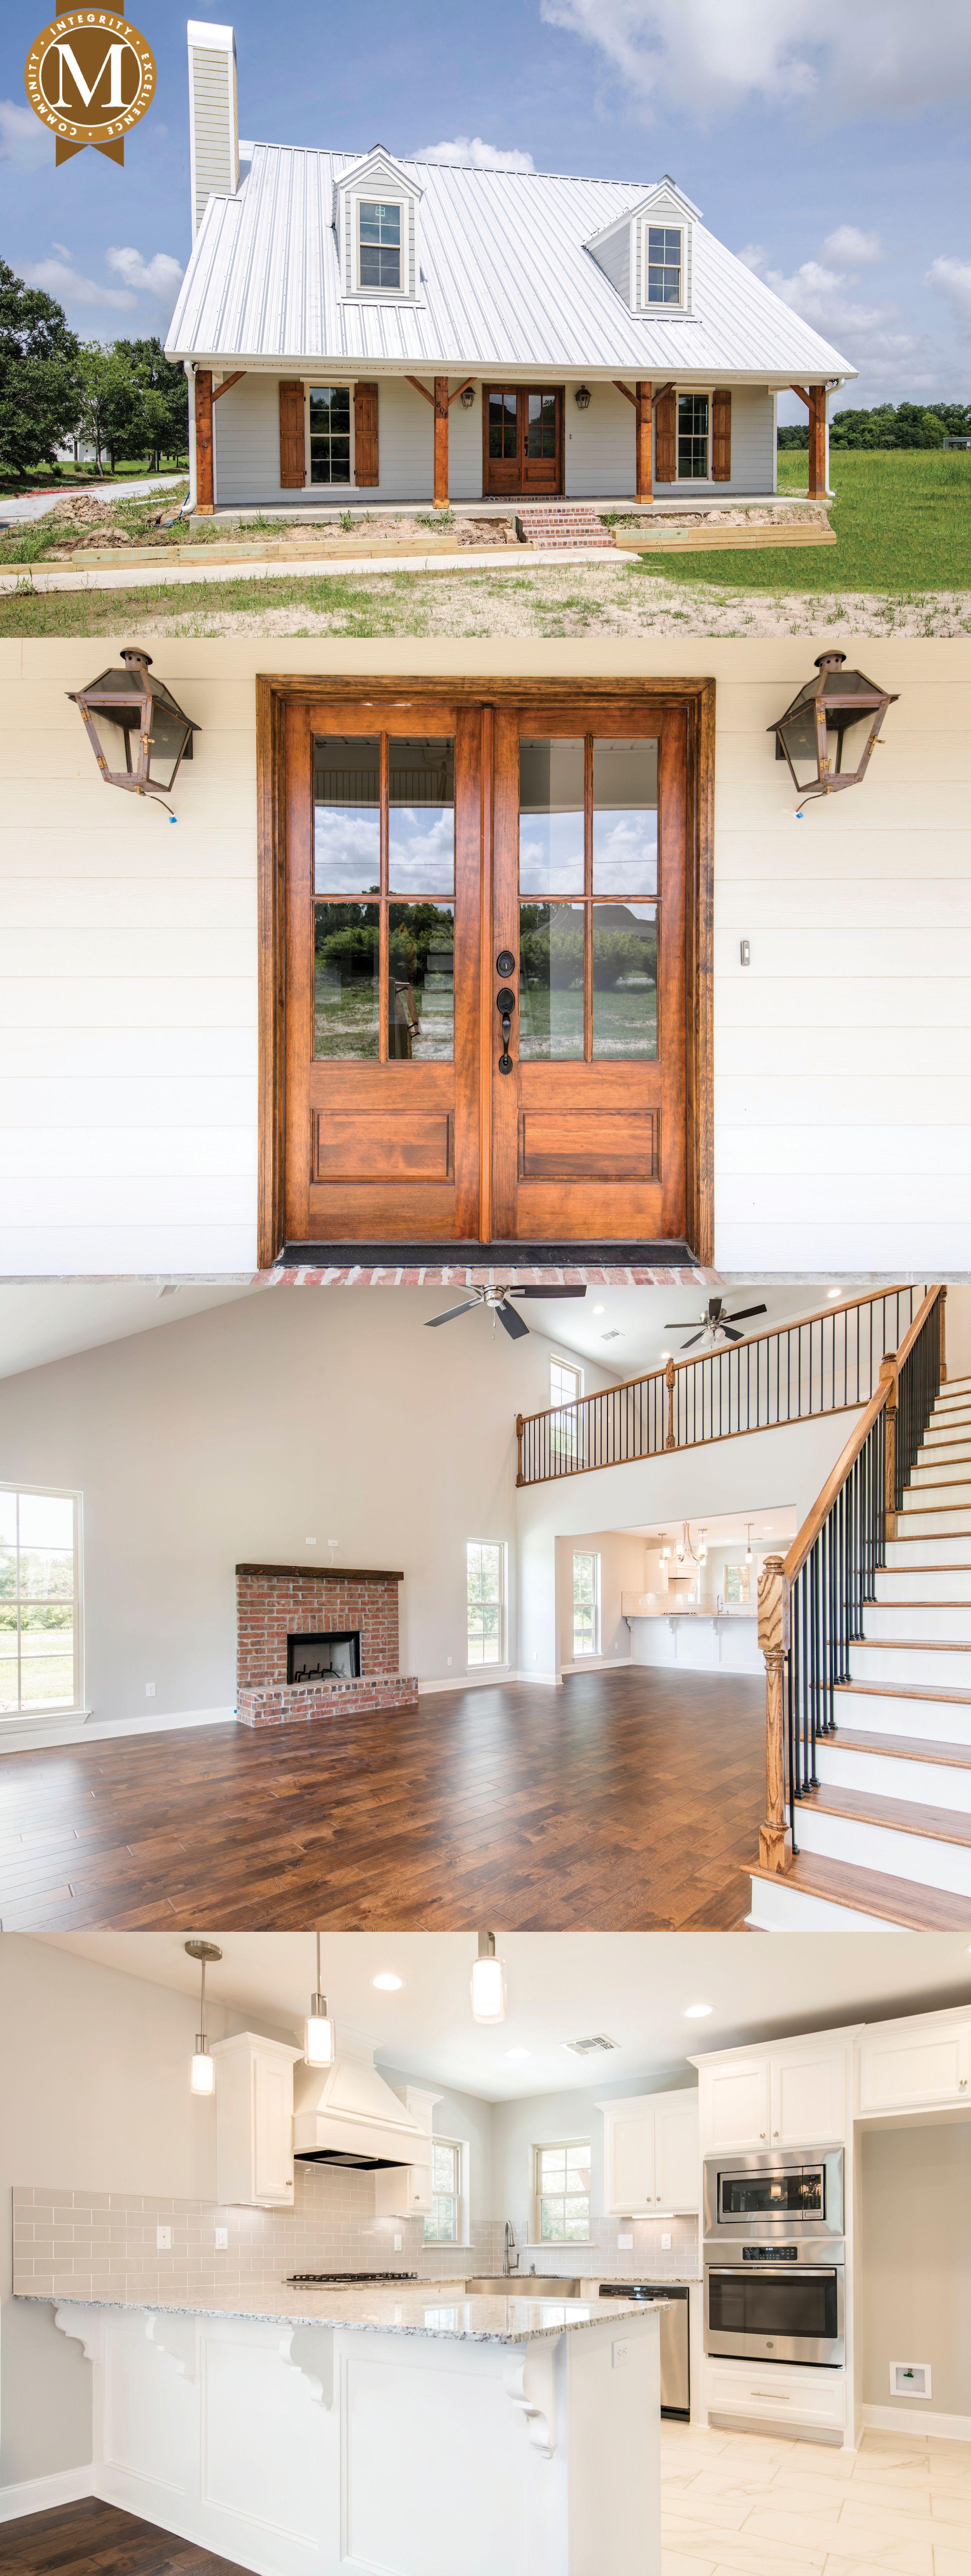 Acadia Bayou Floor Plan South Louisiana Home Builder Barn House Plans House Plans House